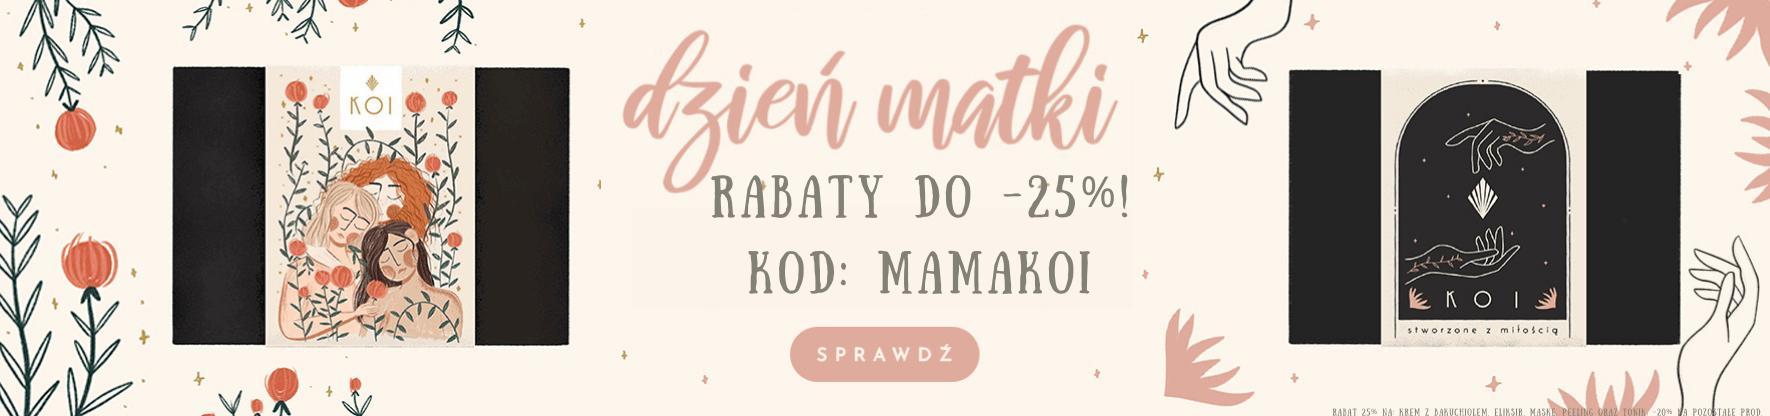 Koi Cosmetics: 25% zniżki na kosmetyki naturalne z okazji Dnia Mamy